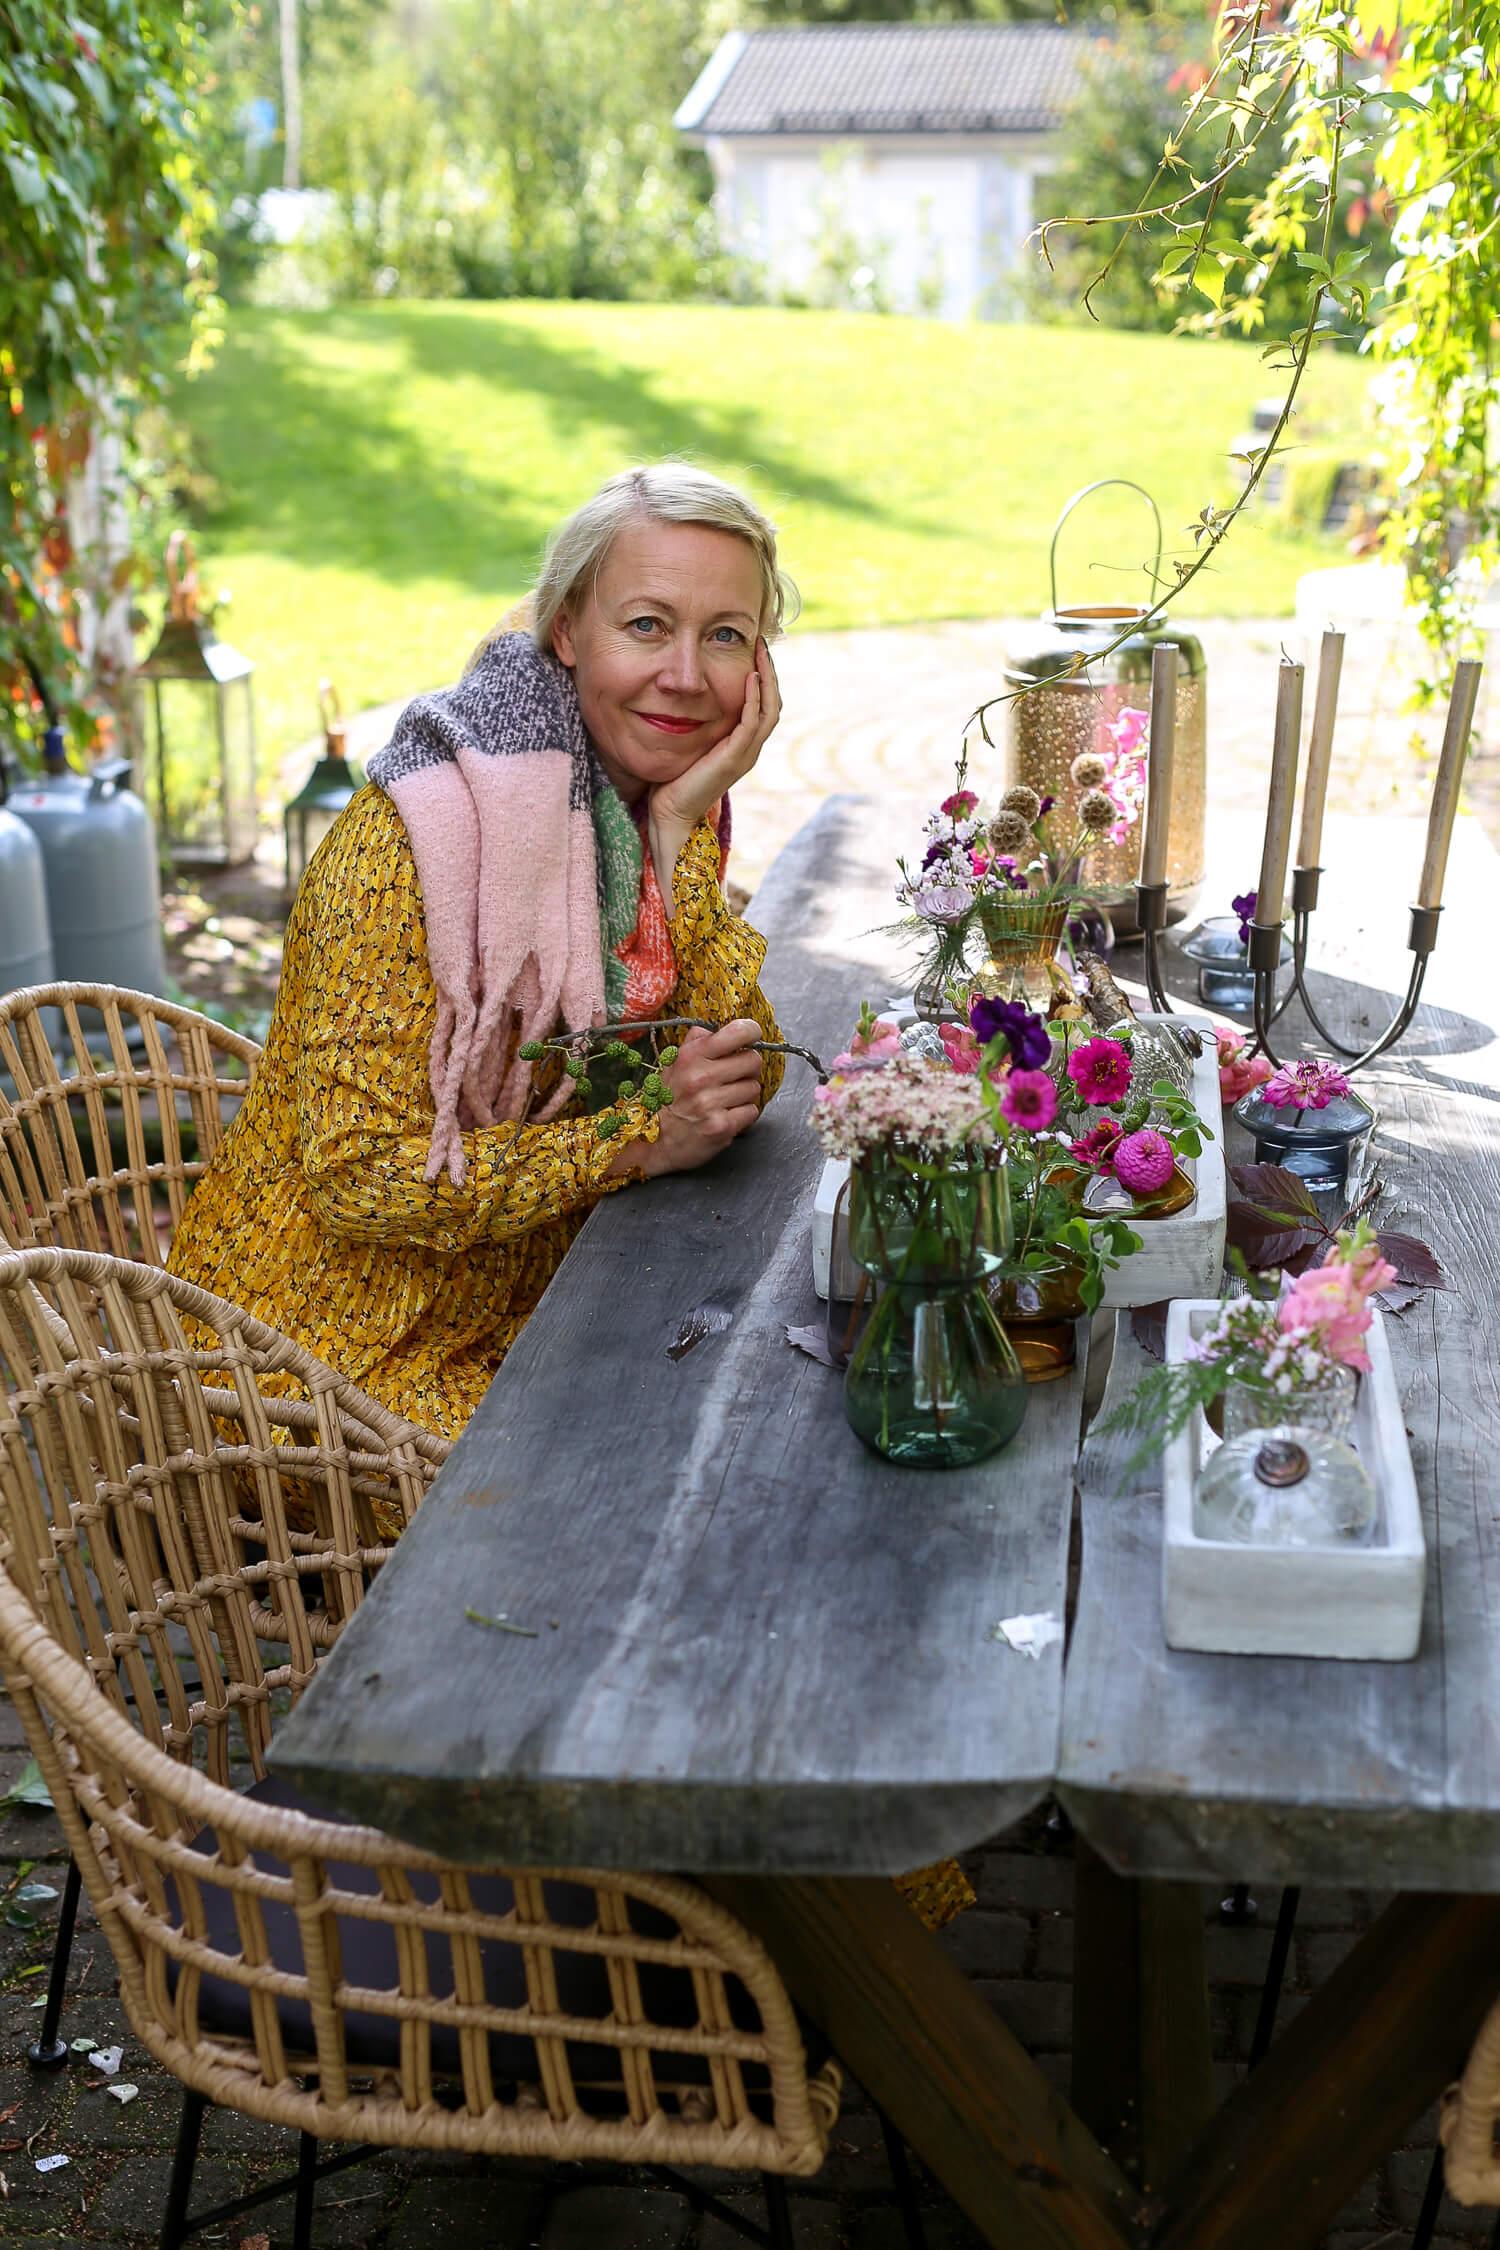 puutarhan pöydällä on kukkia ja kynttilöitä.